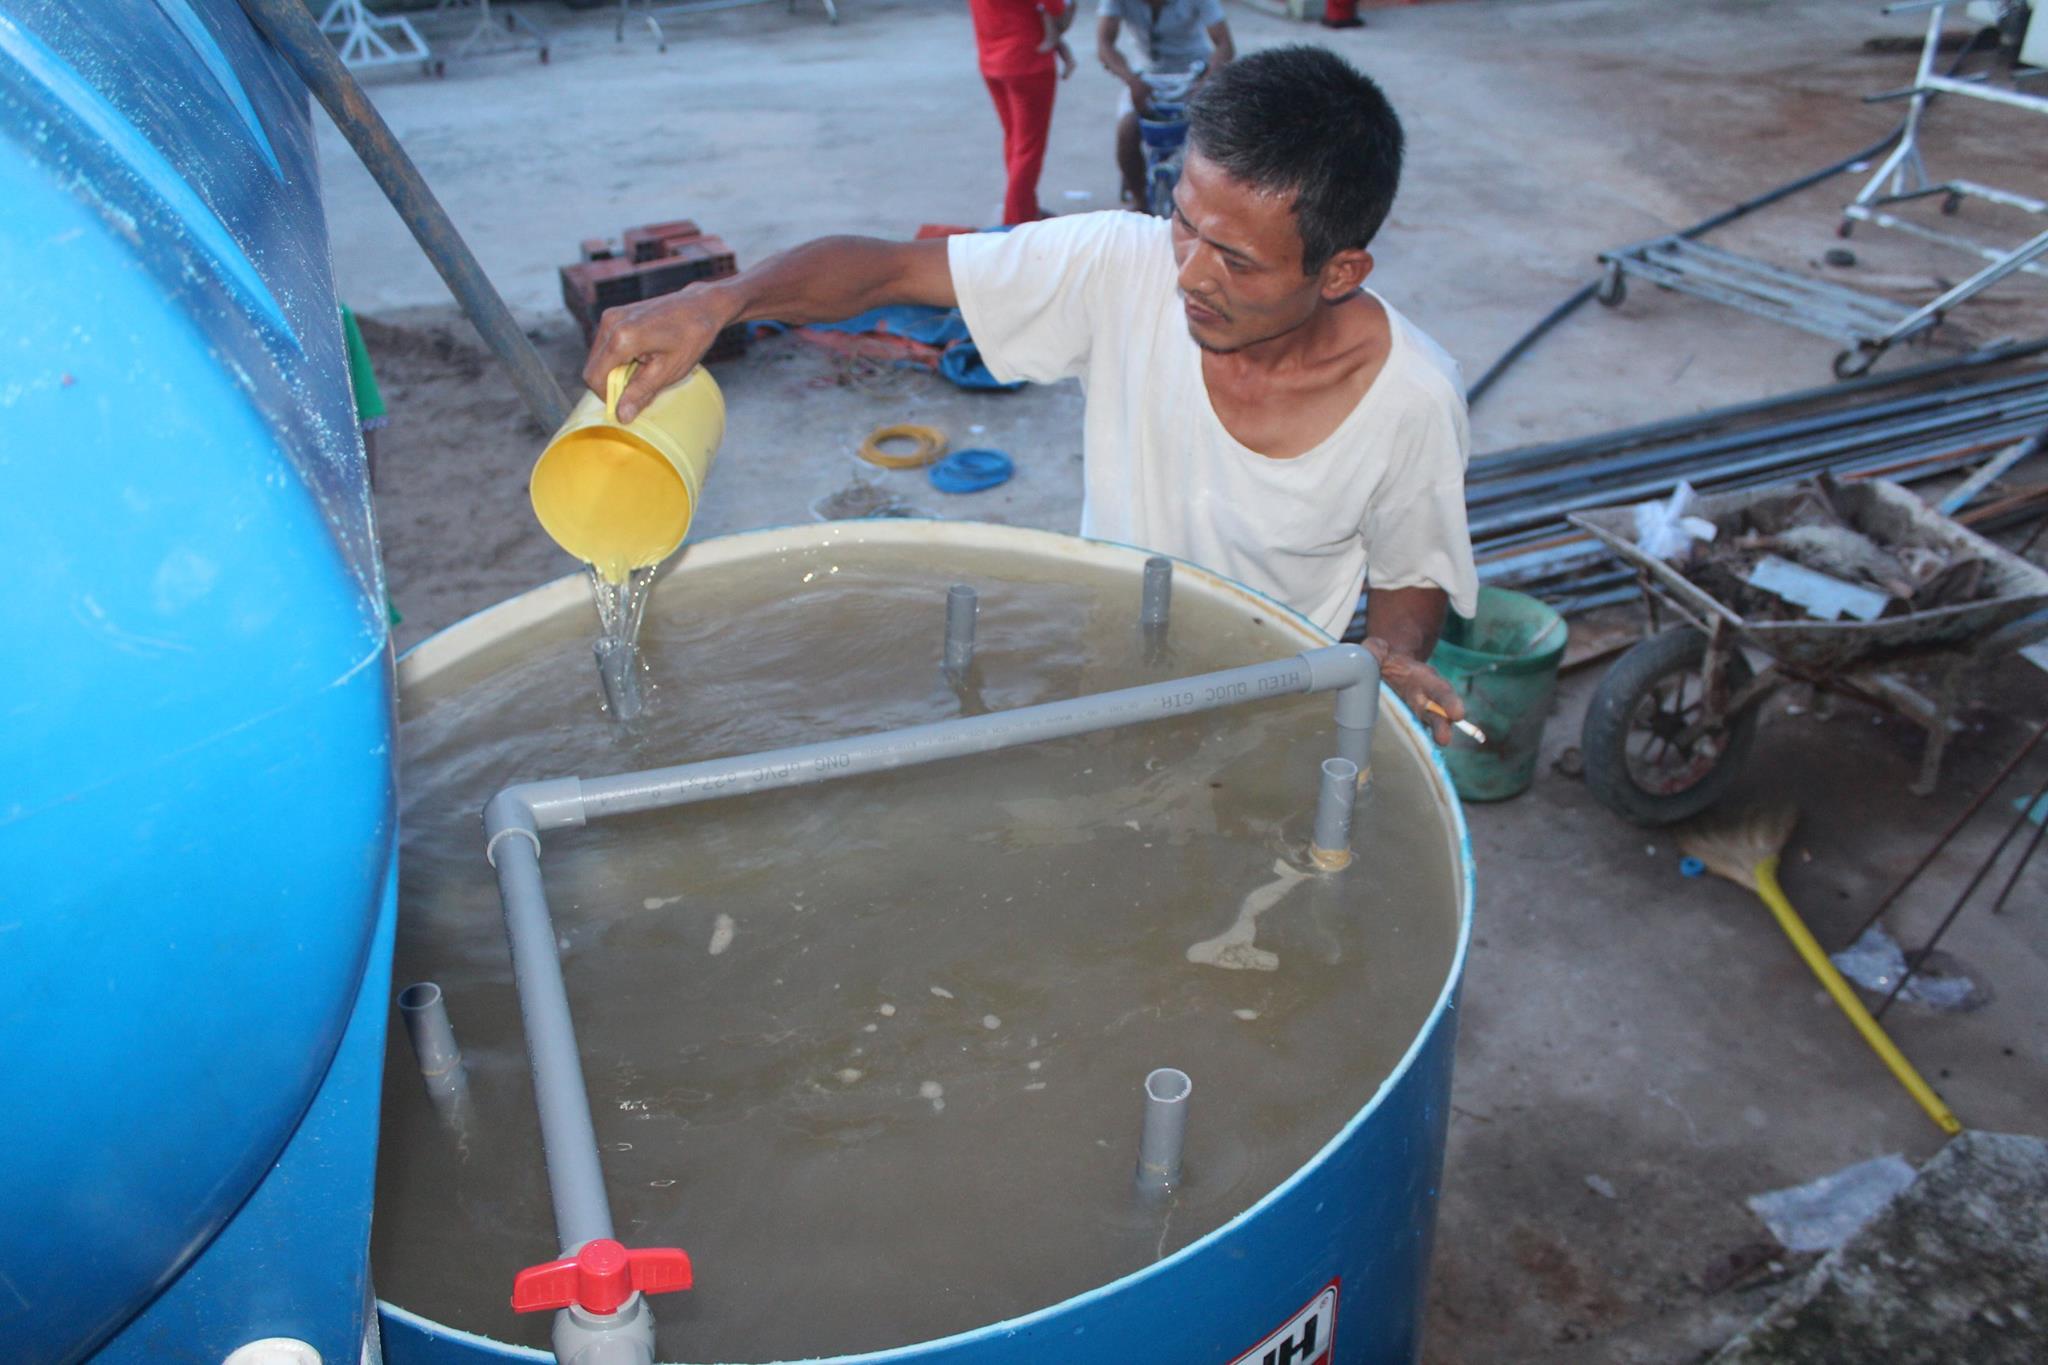 Nguồn gốc nước thải sinh hoạt được bắt nguồn từ đâu?